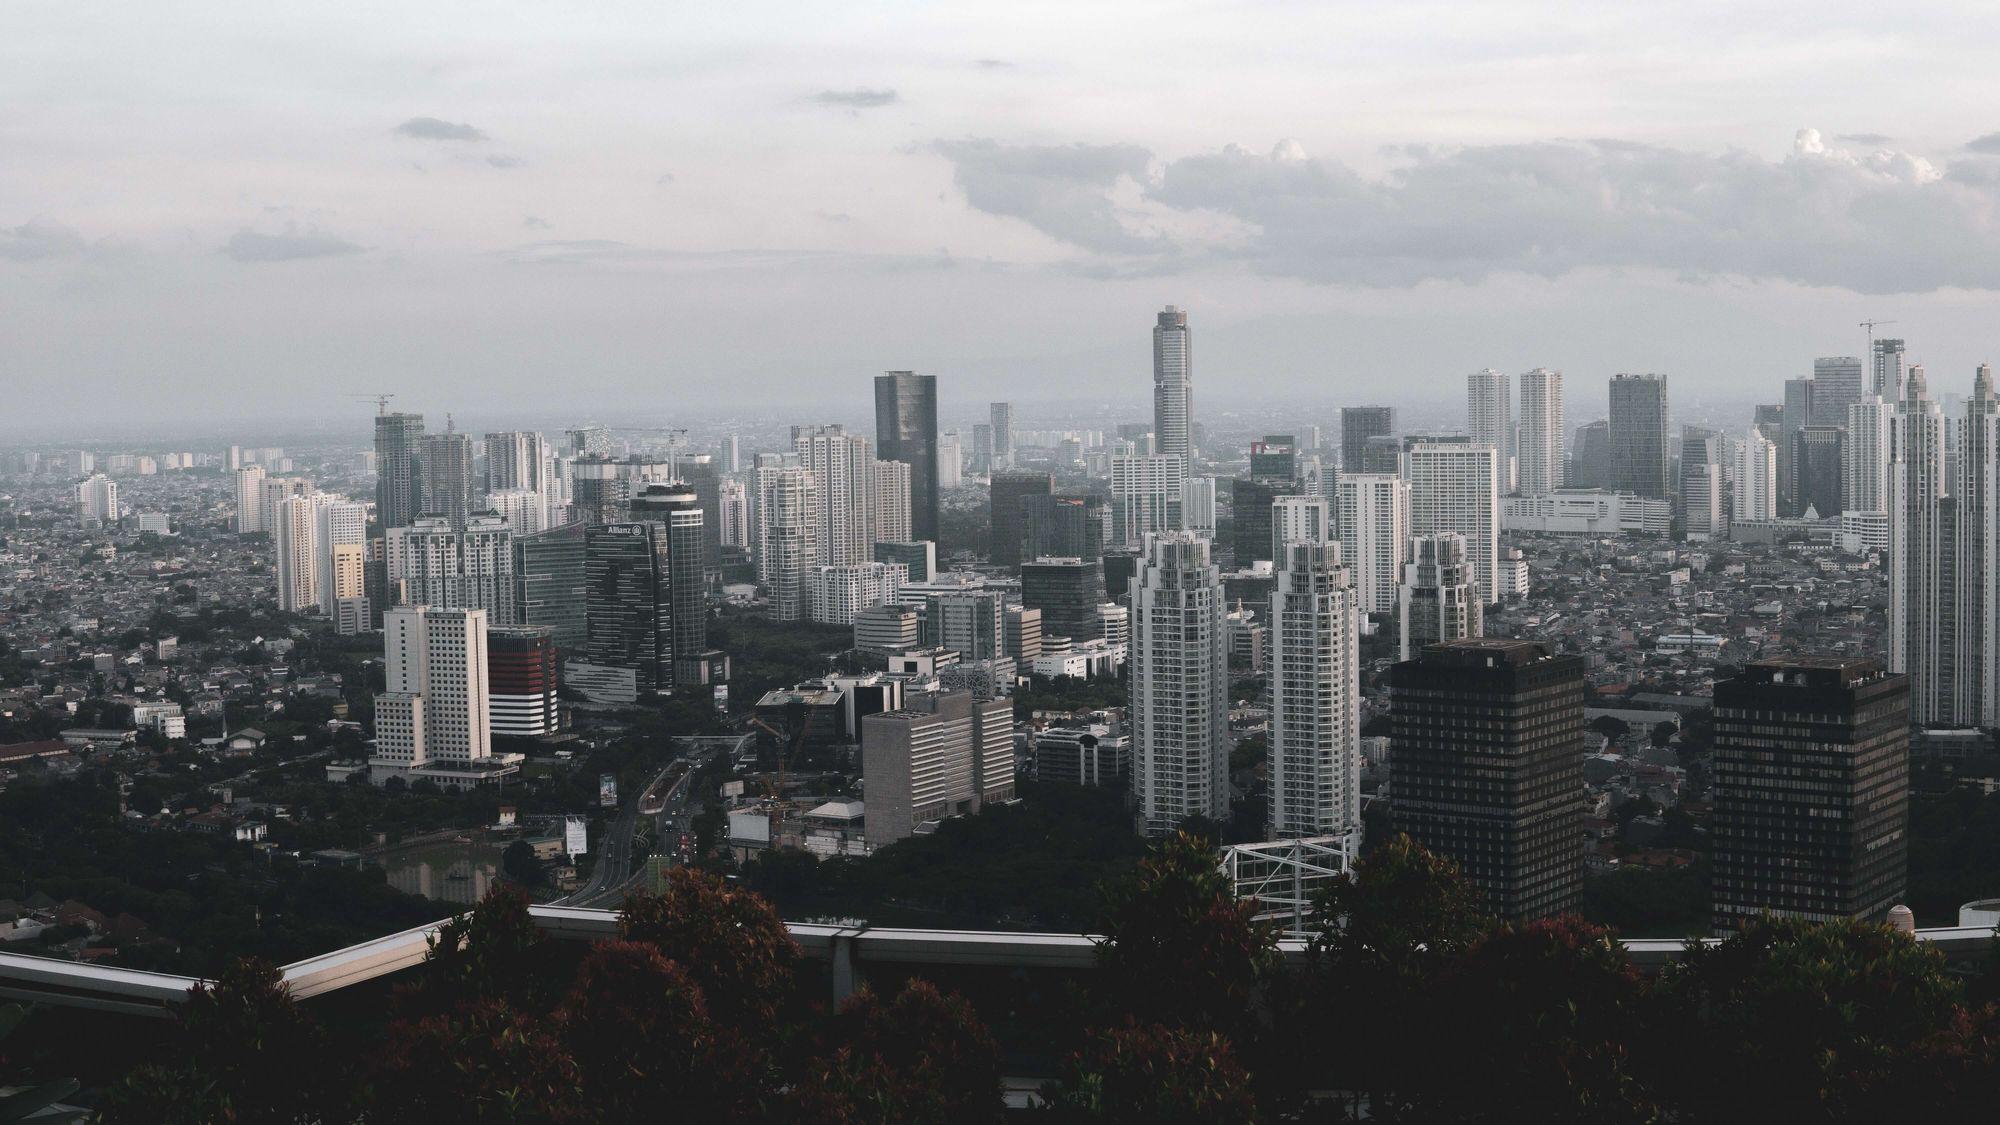 Tempat Terbaik Untuk Investasi Properti di Indonesia